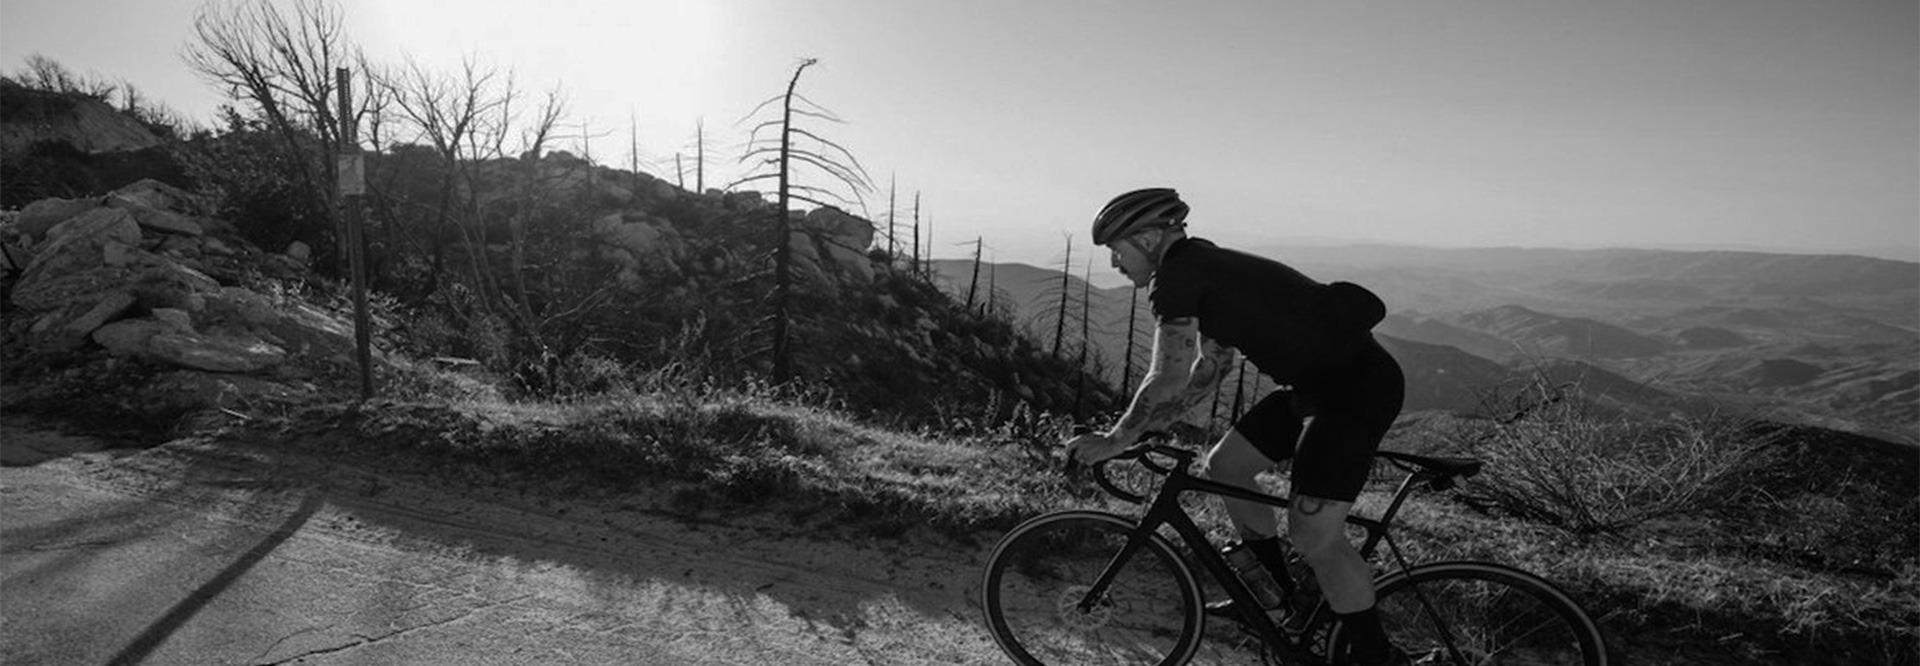 Ontwerpen en bedrukken fietskleding, wielerkleding en teamkleding.